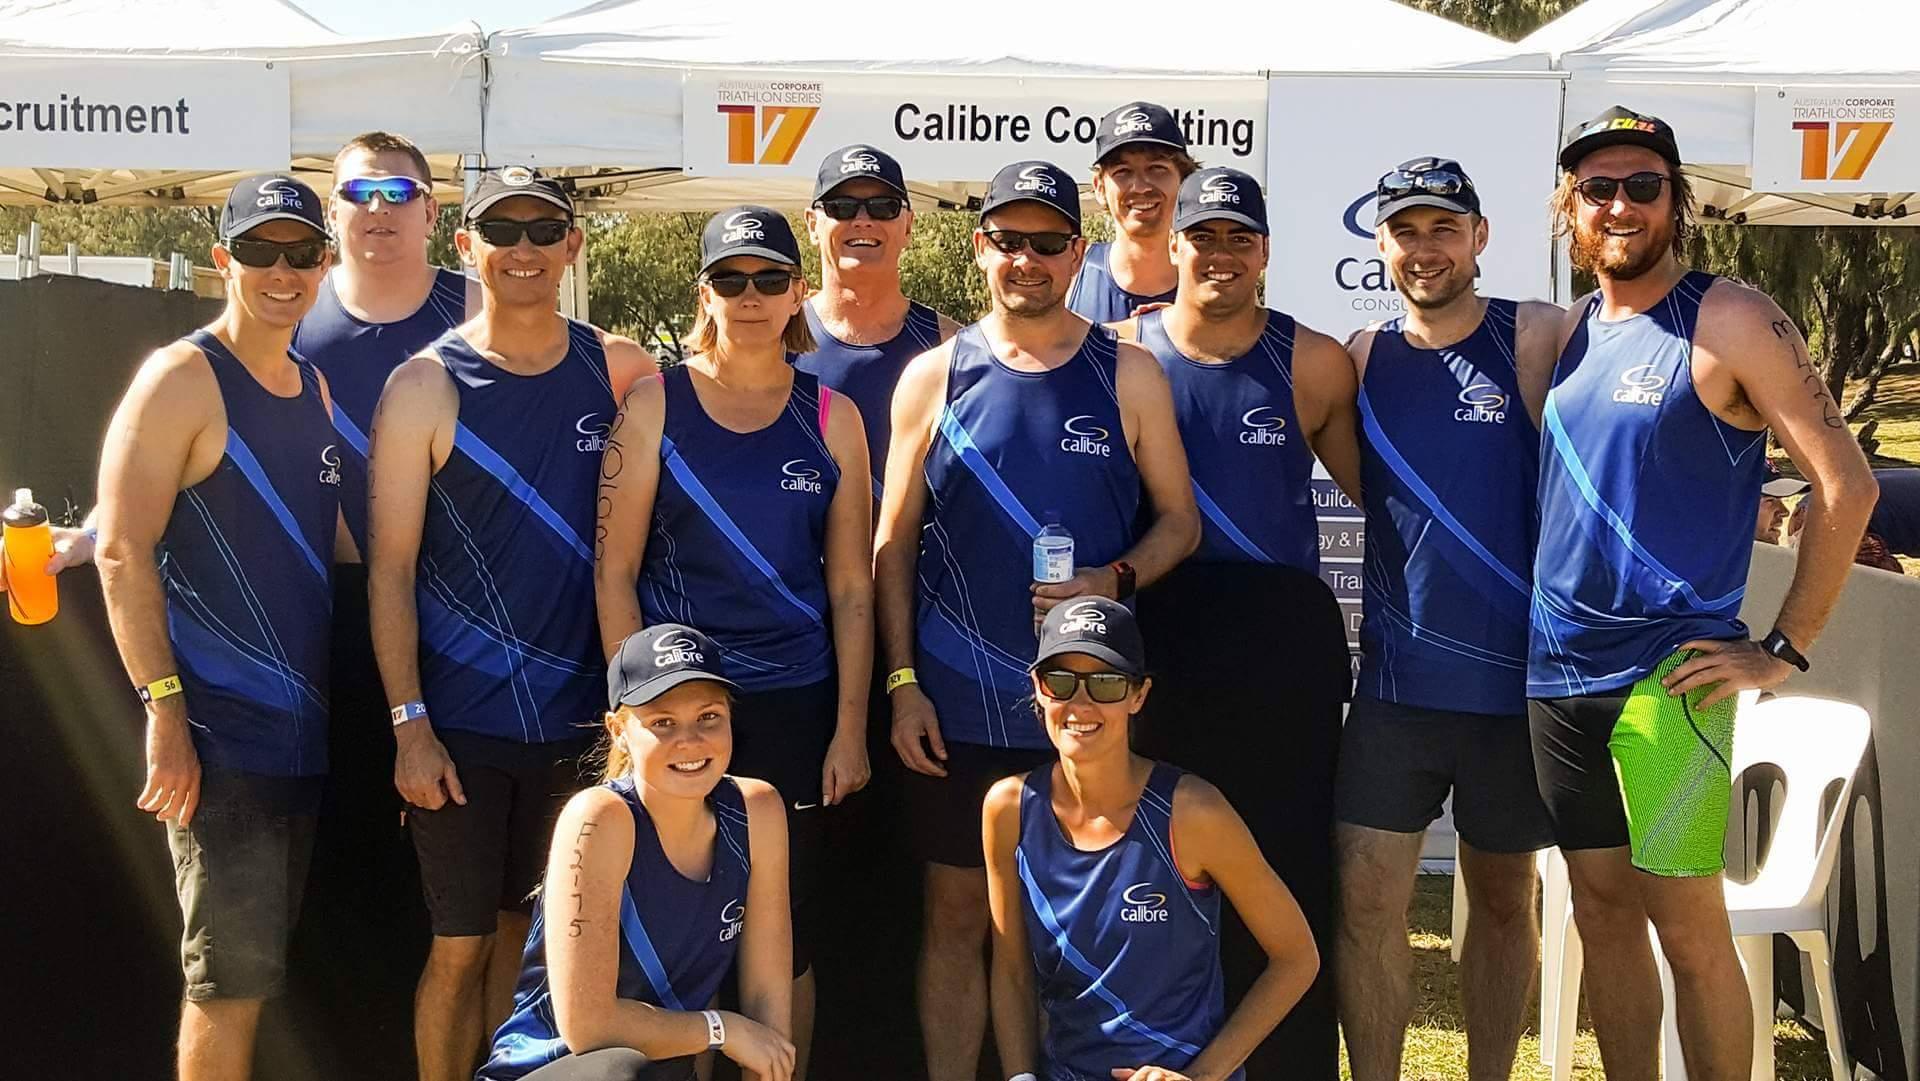 Calibre Team Shirts.jpg